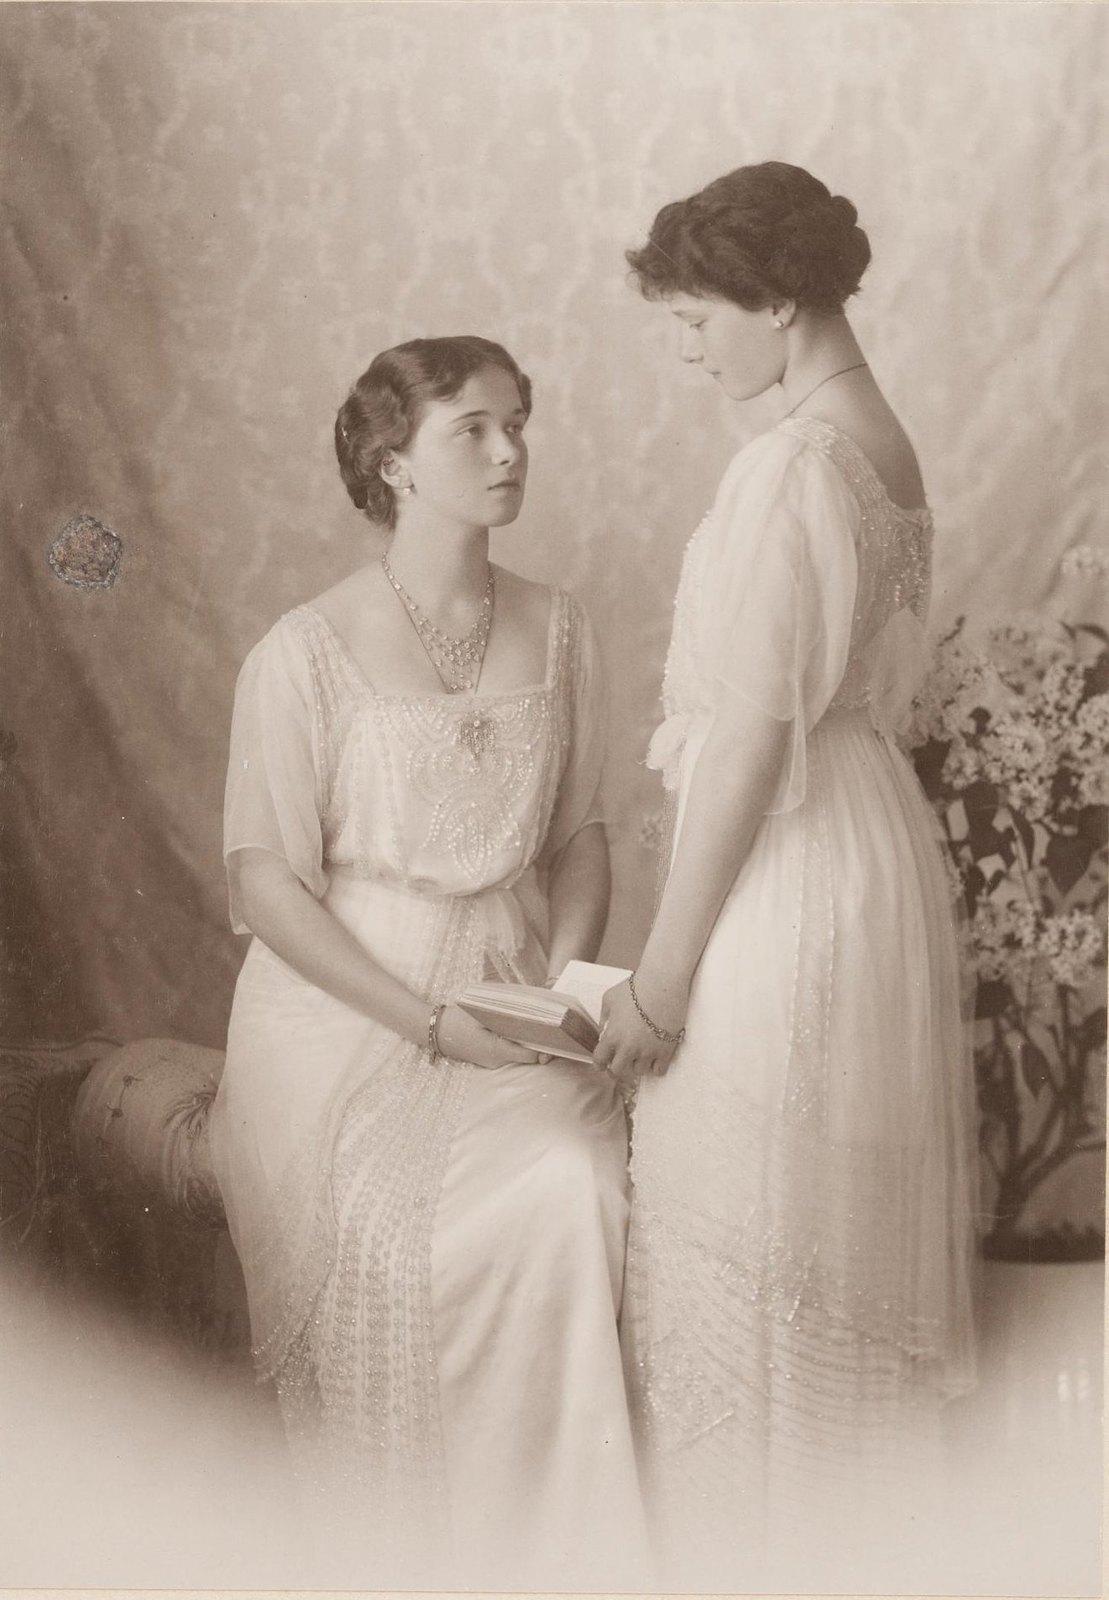 1913. Портрет великих княжон Ольги Николаевны и Татьяны Николаевны